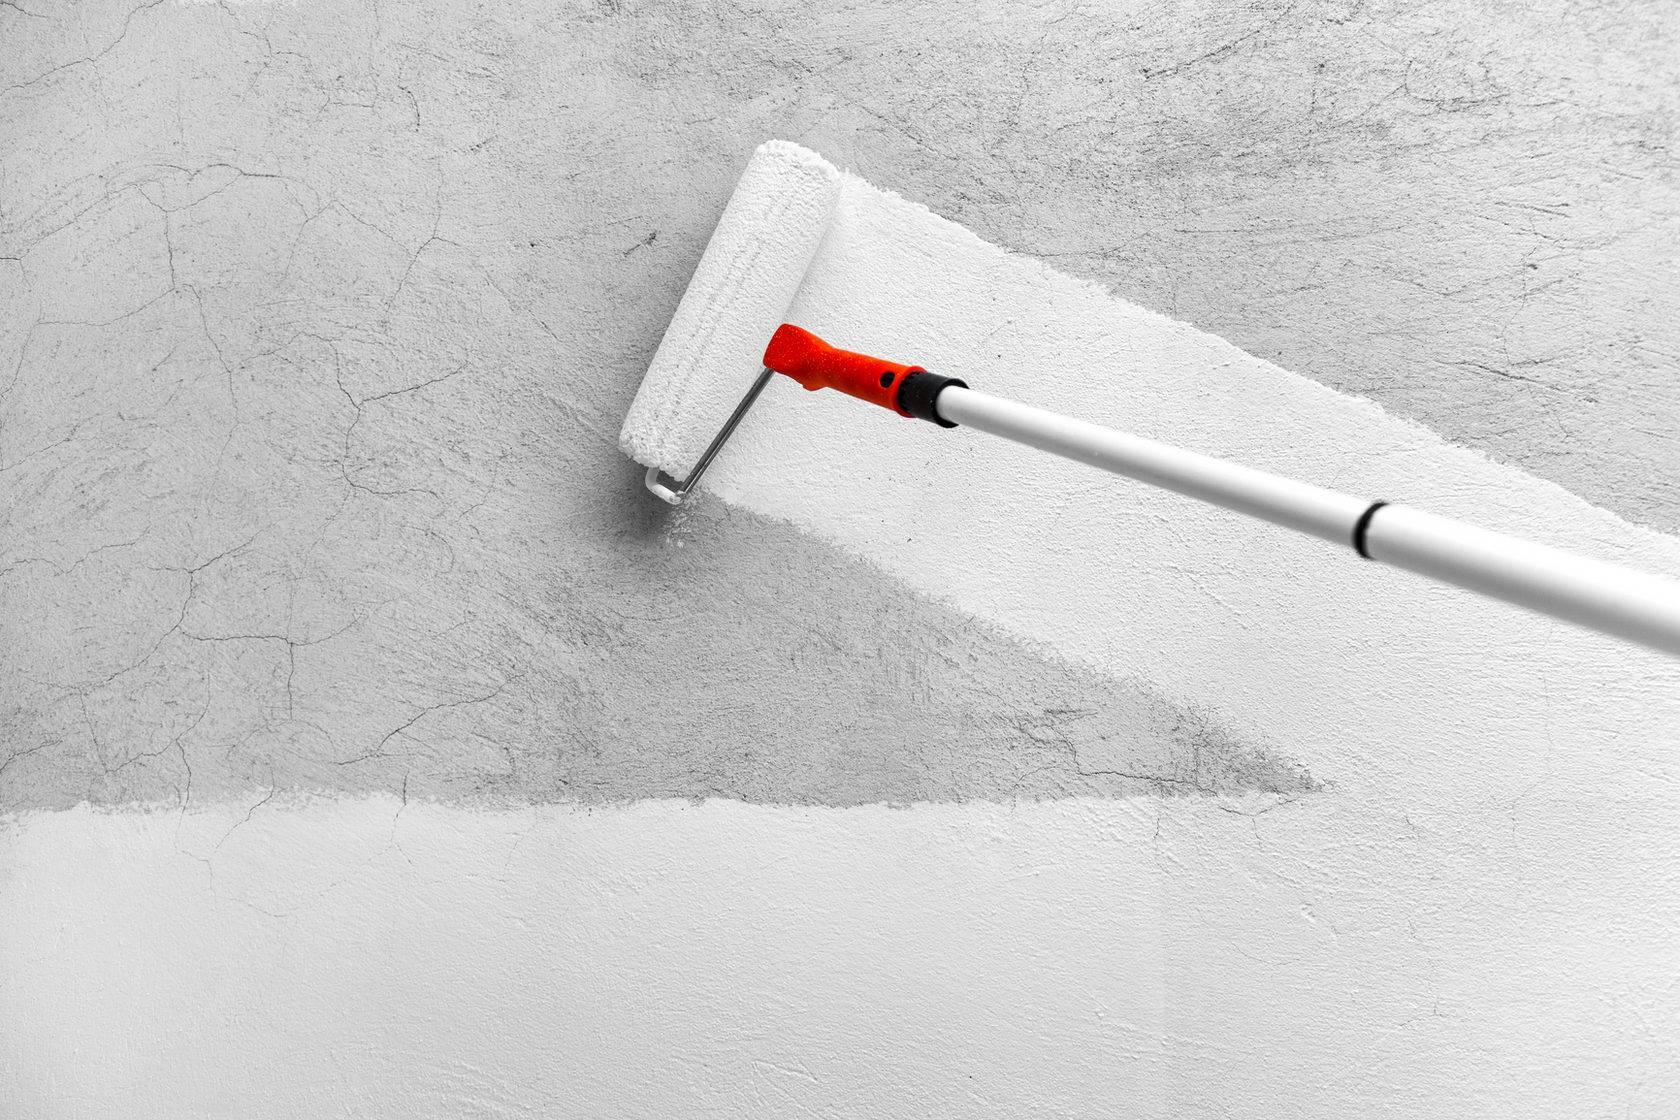 Фактурная штукатурка для стен: преимущества, виды, процесс нанесения своими руками